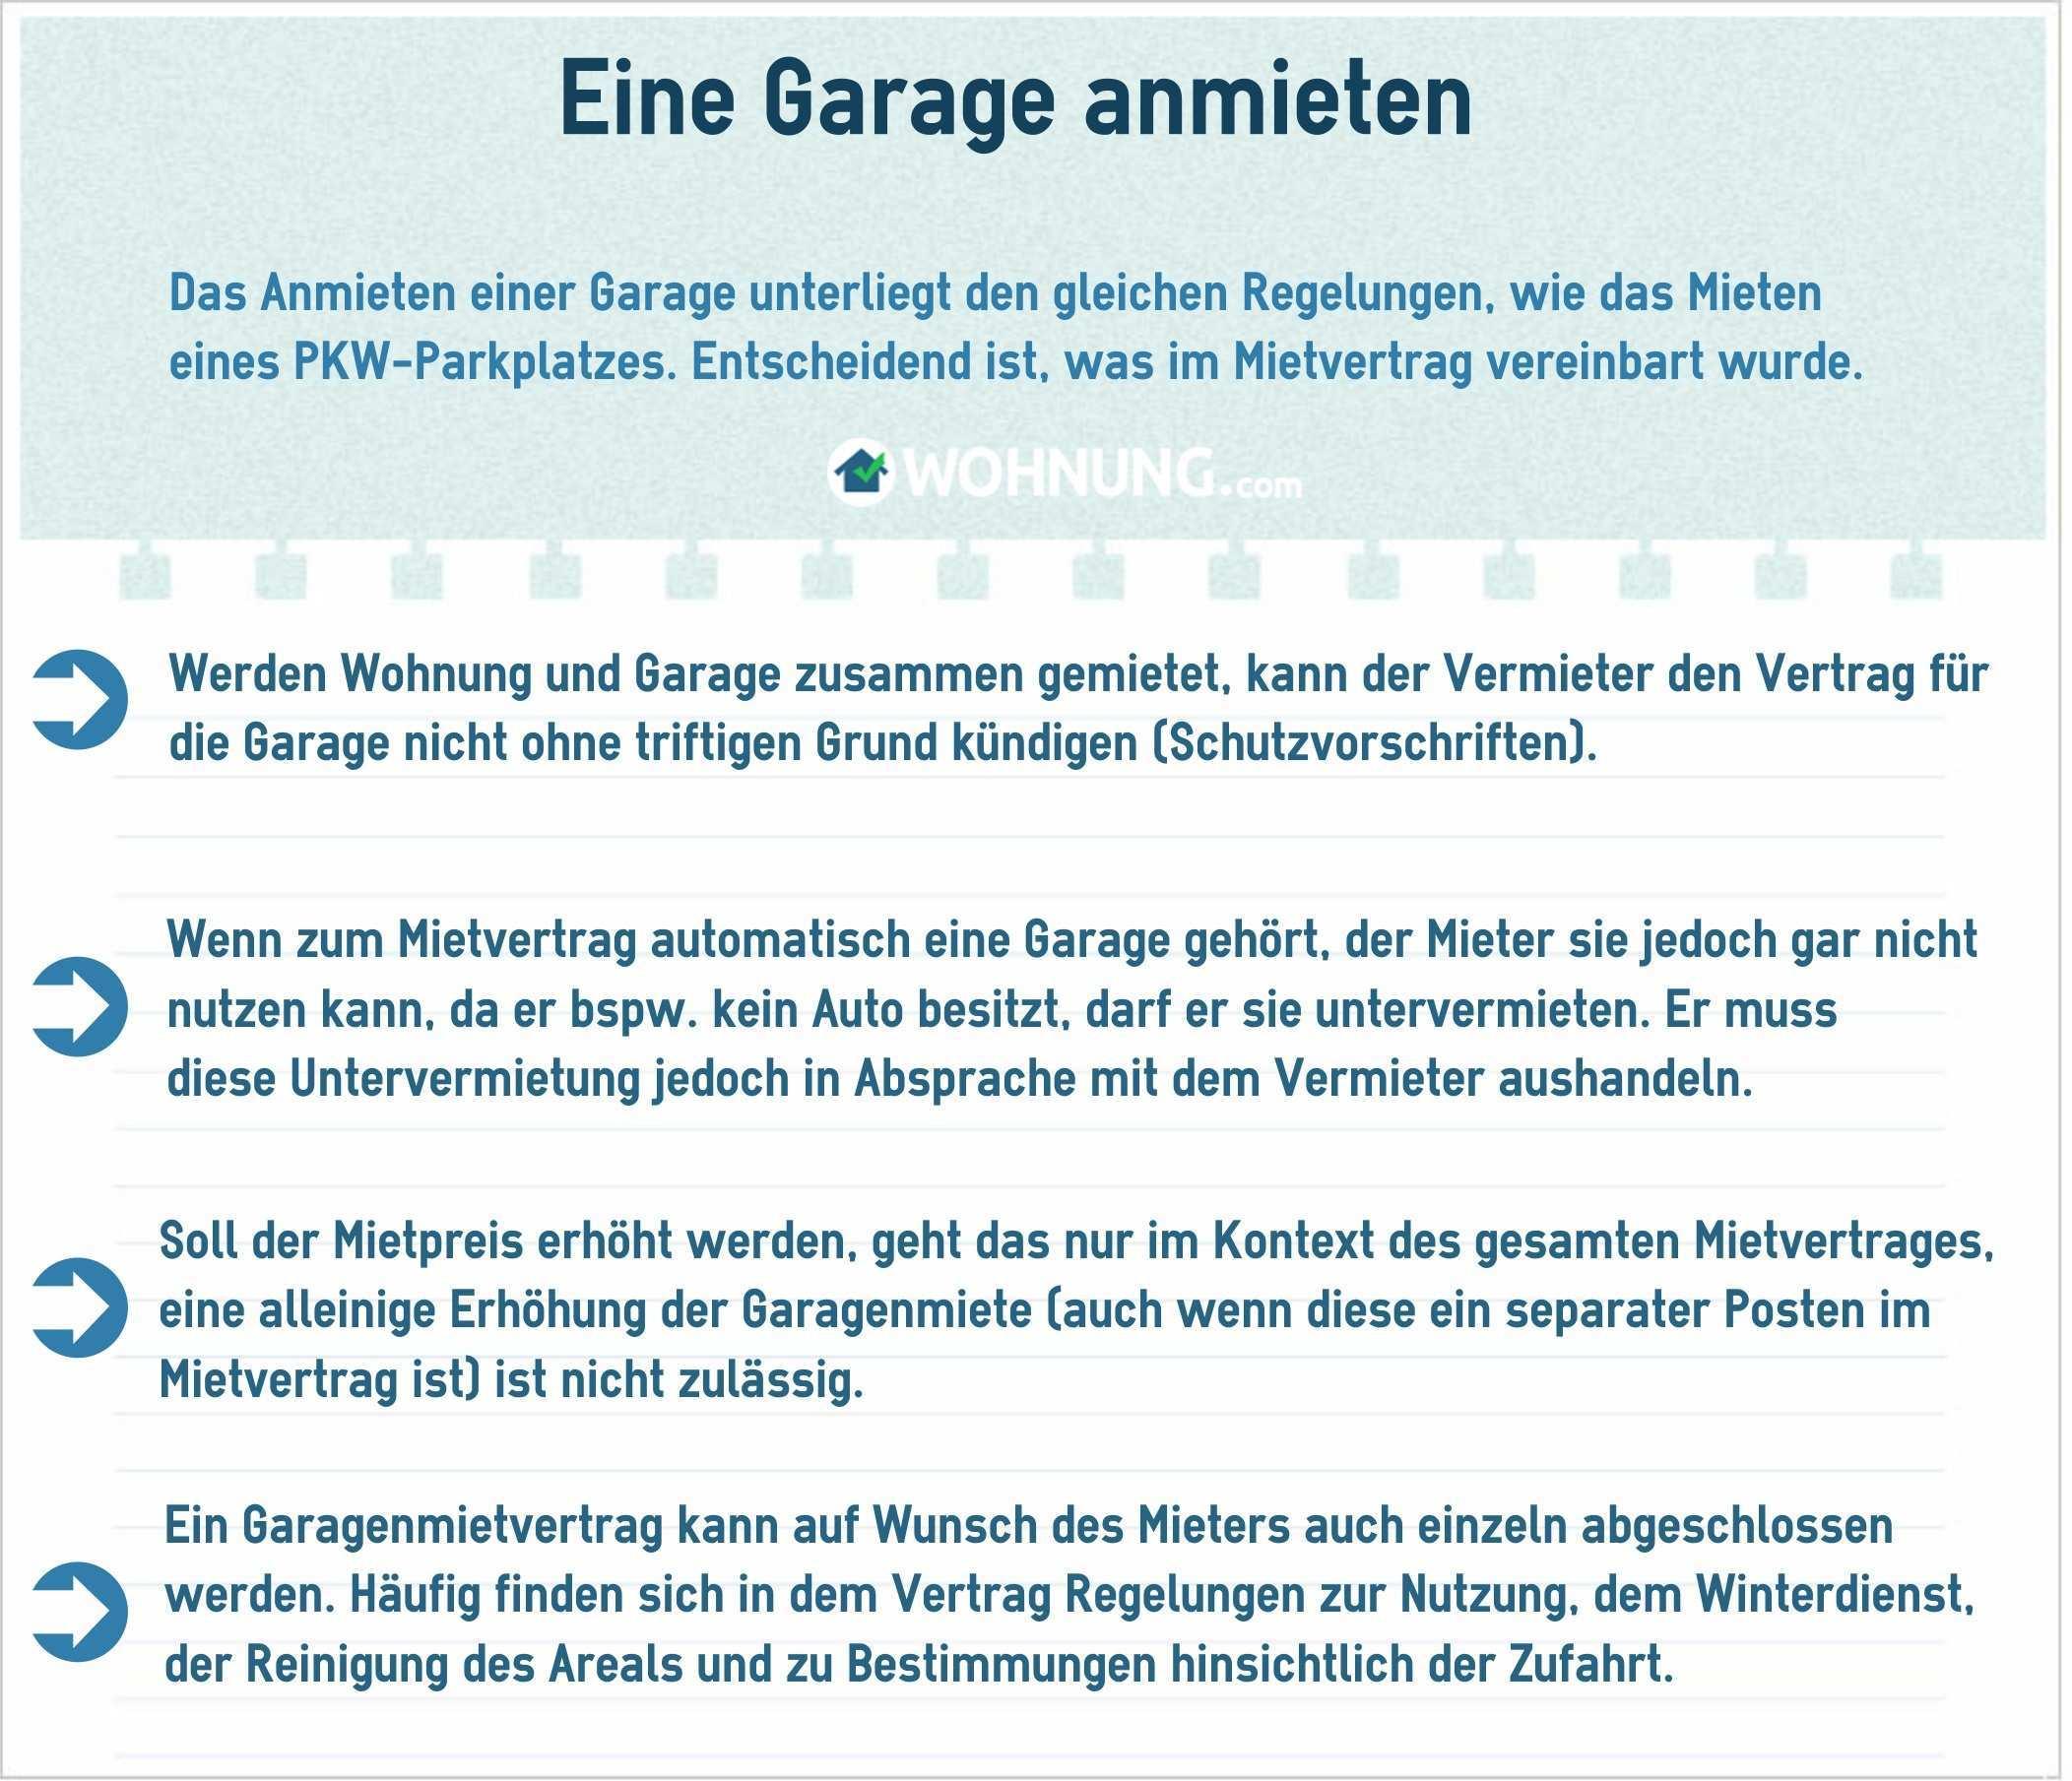 Garagen Parkplatze Rechtliche Grundlage Fur Mieter Und Vermieter Wohnung Com Ratgeber